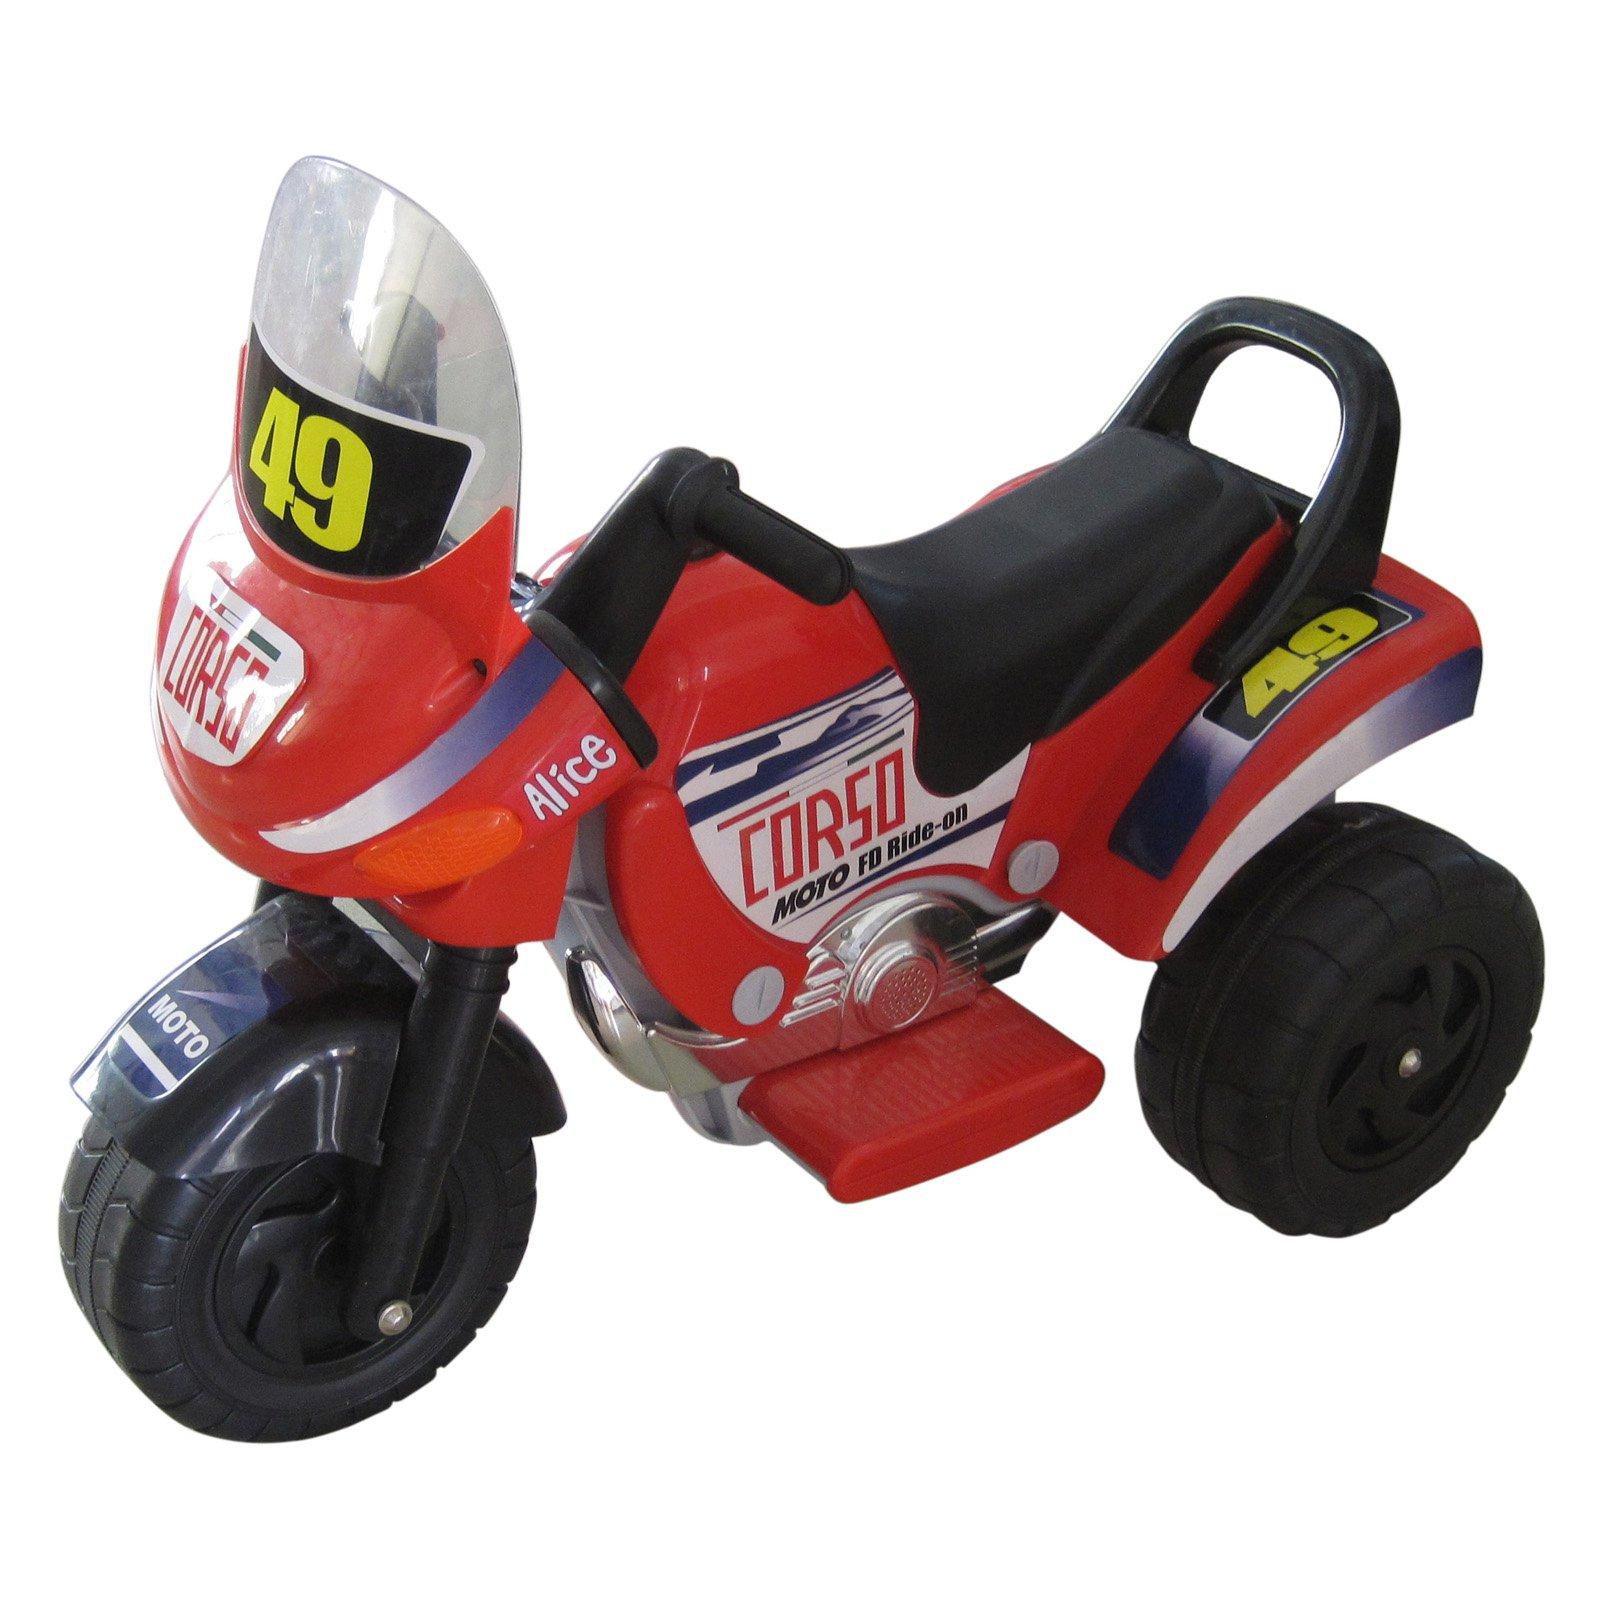 Merske Mini Racer Motorcycle - Red